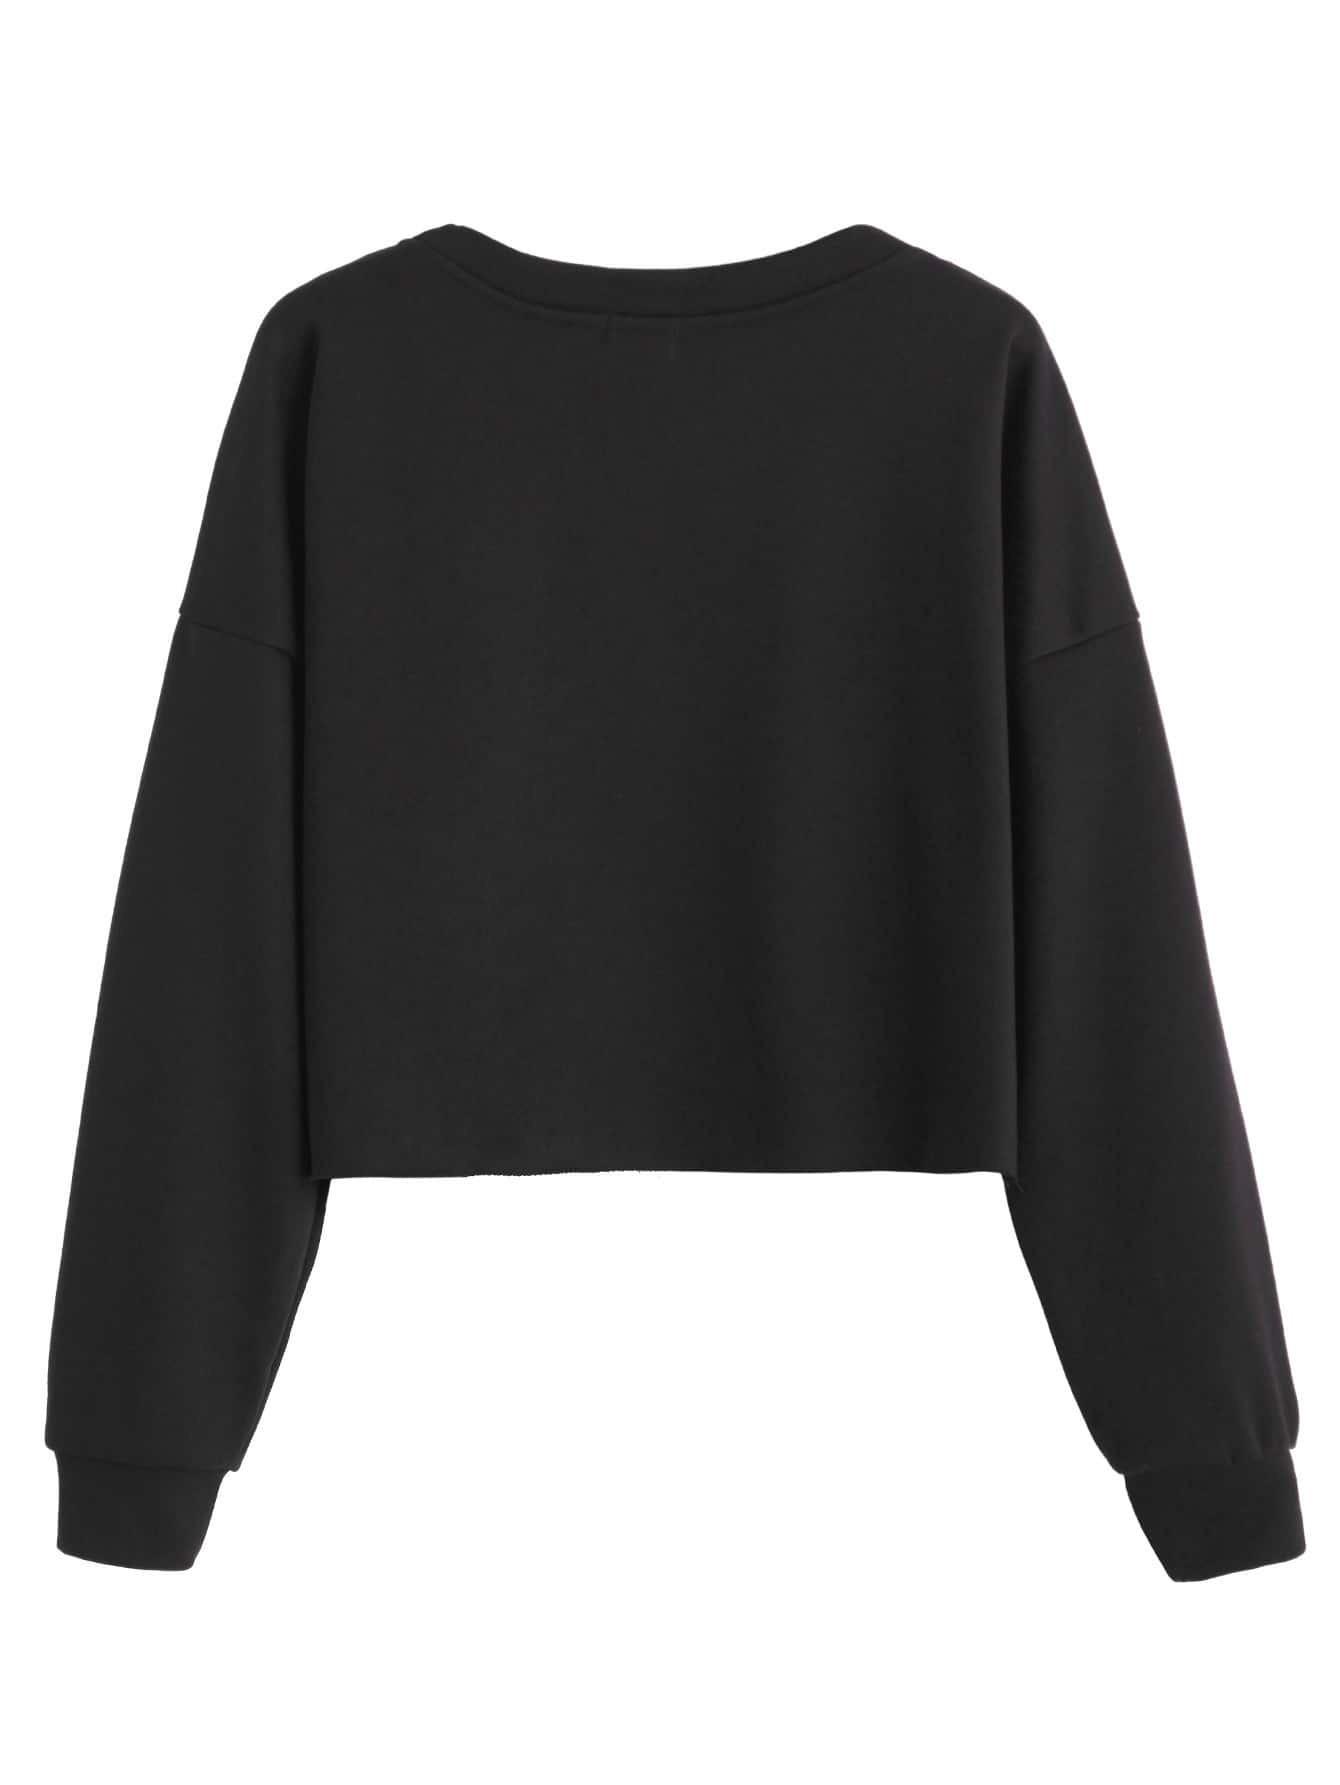 sweatshirt160826102_2